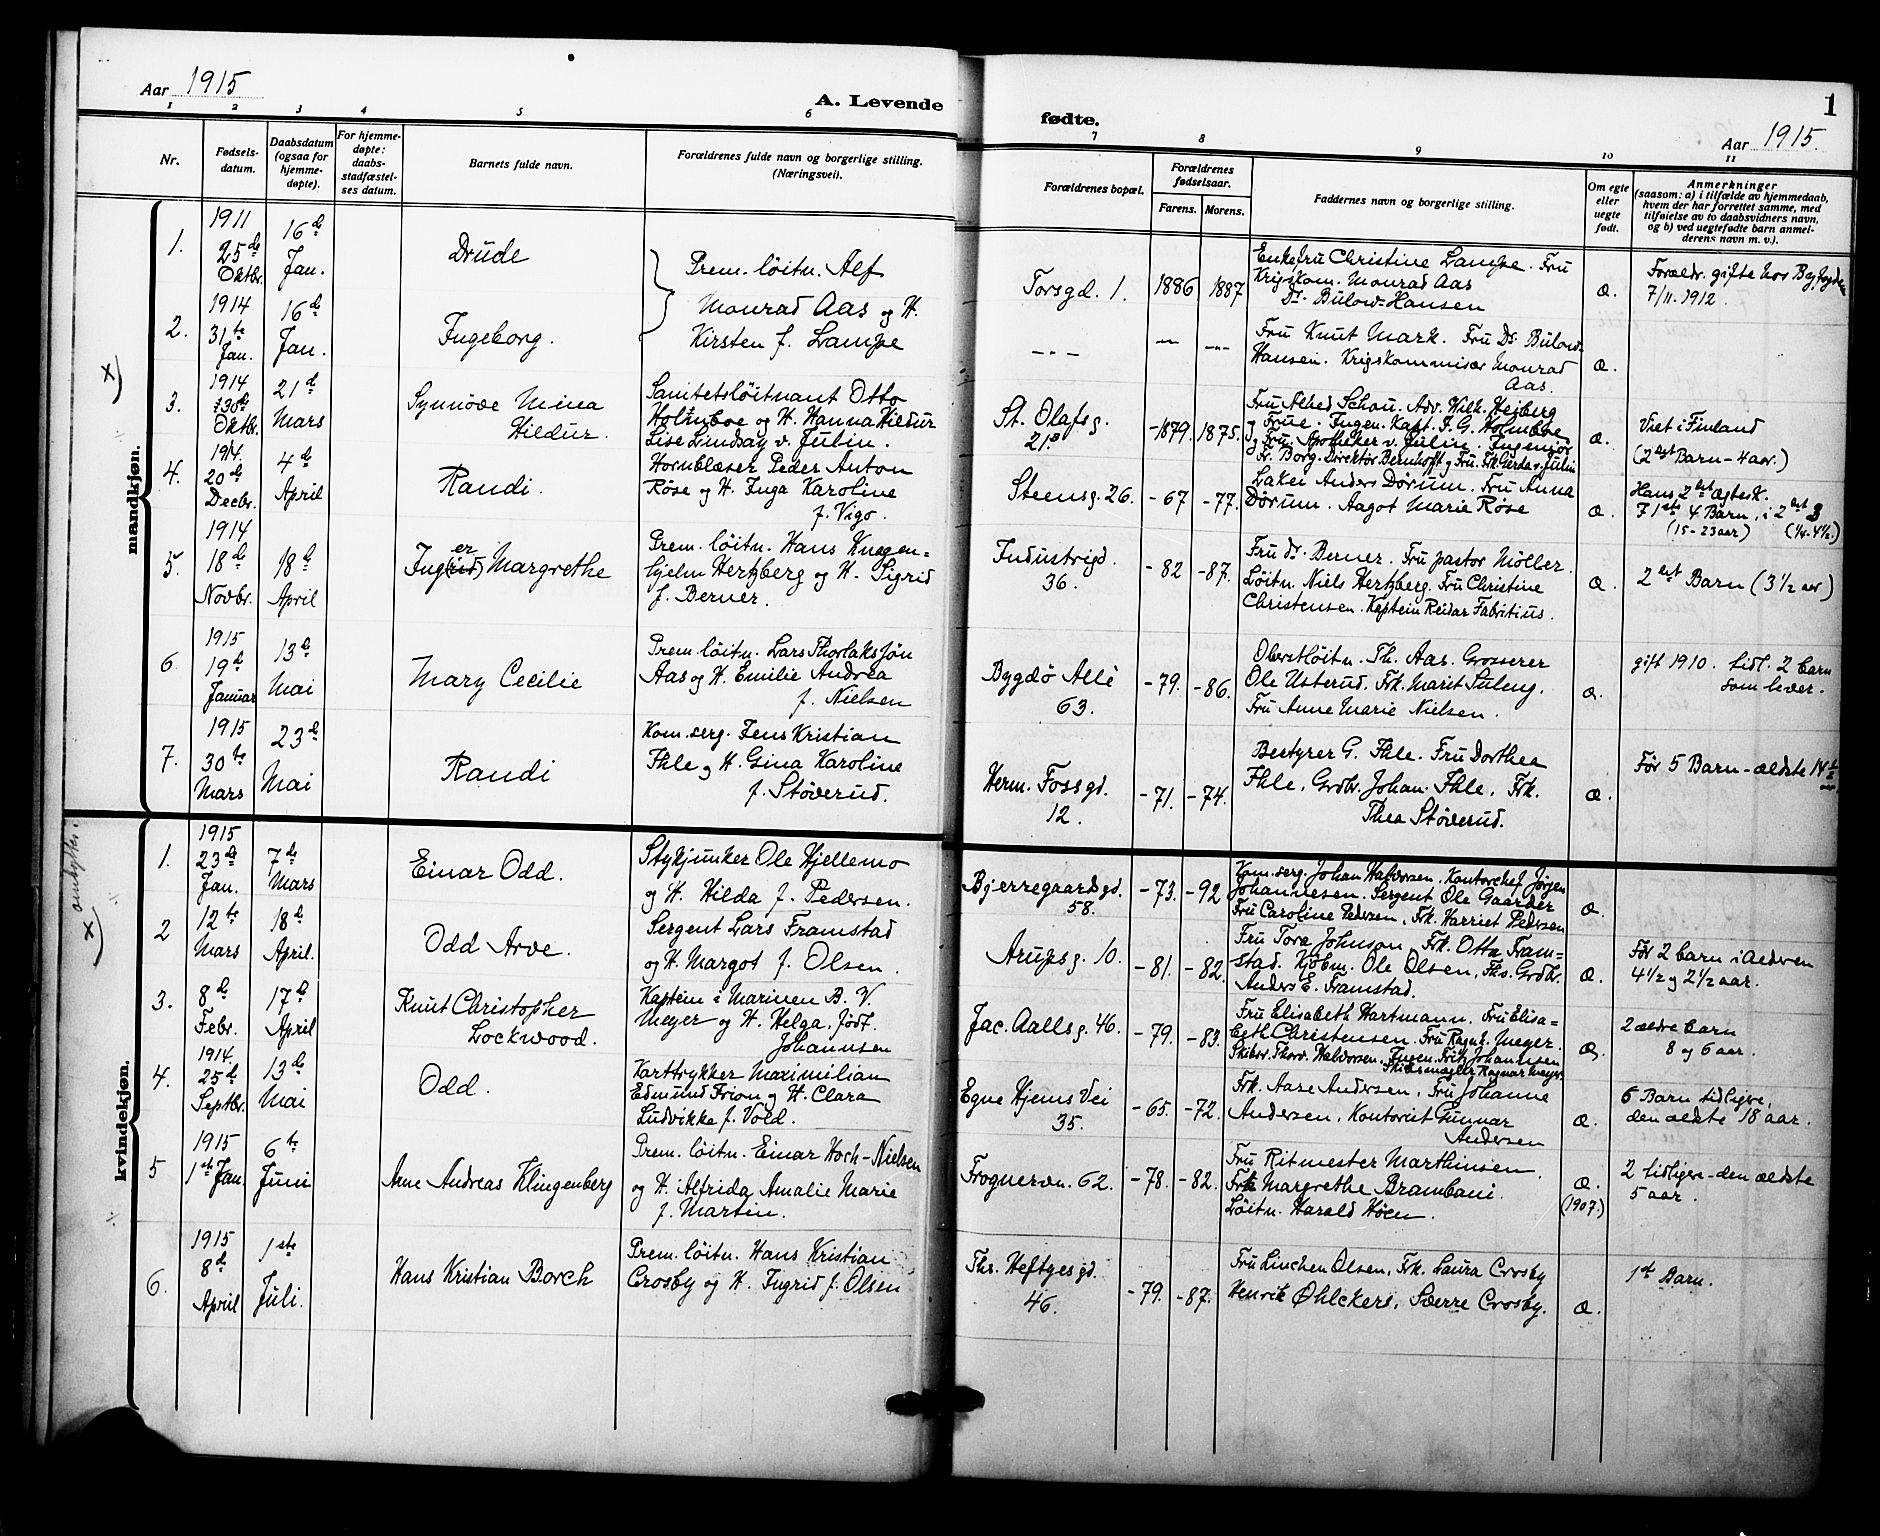 SAO, Garnisonsmenigheten Kirkebøker, F/Fa/L0015: Parish register (official) no. 15, 1915-1921, p. 1